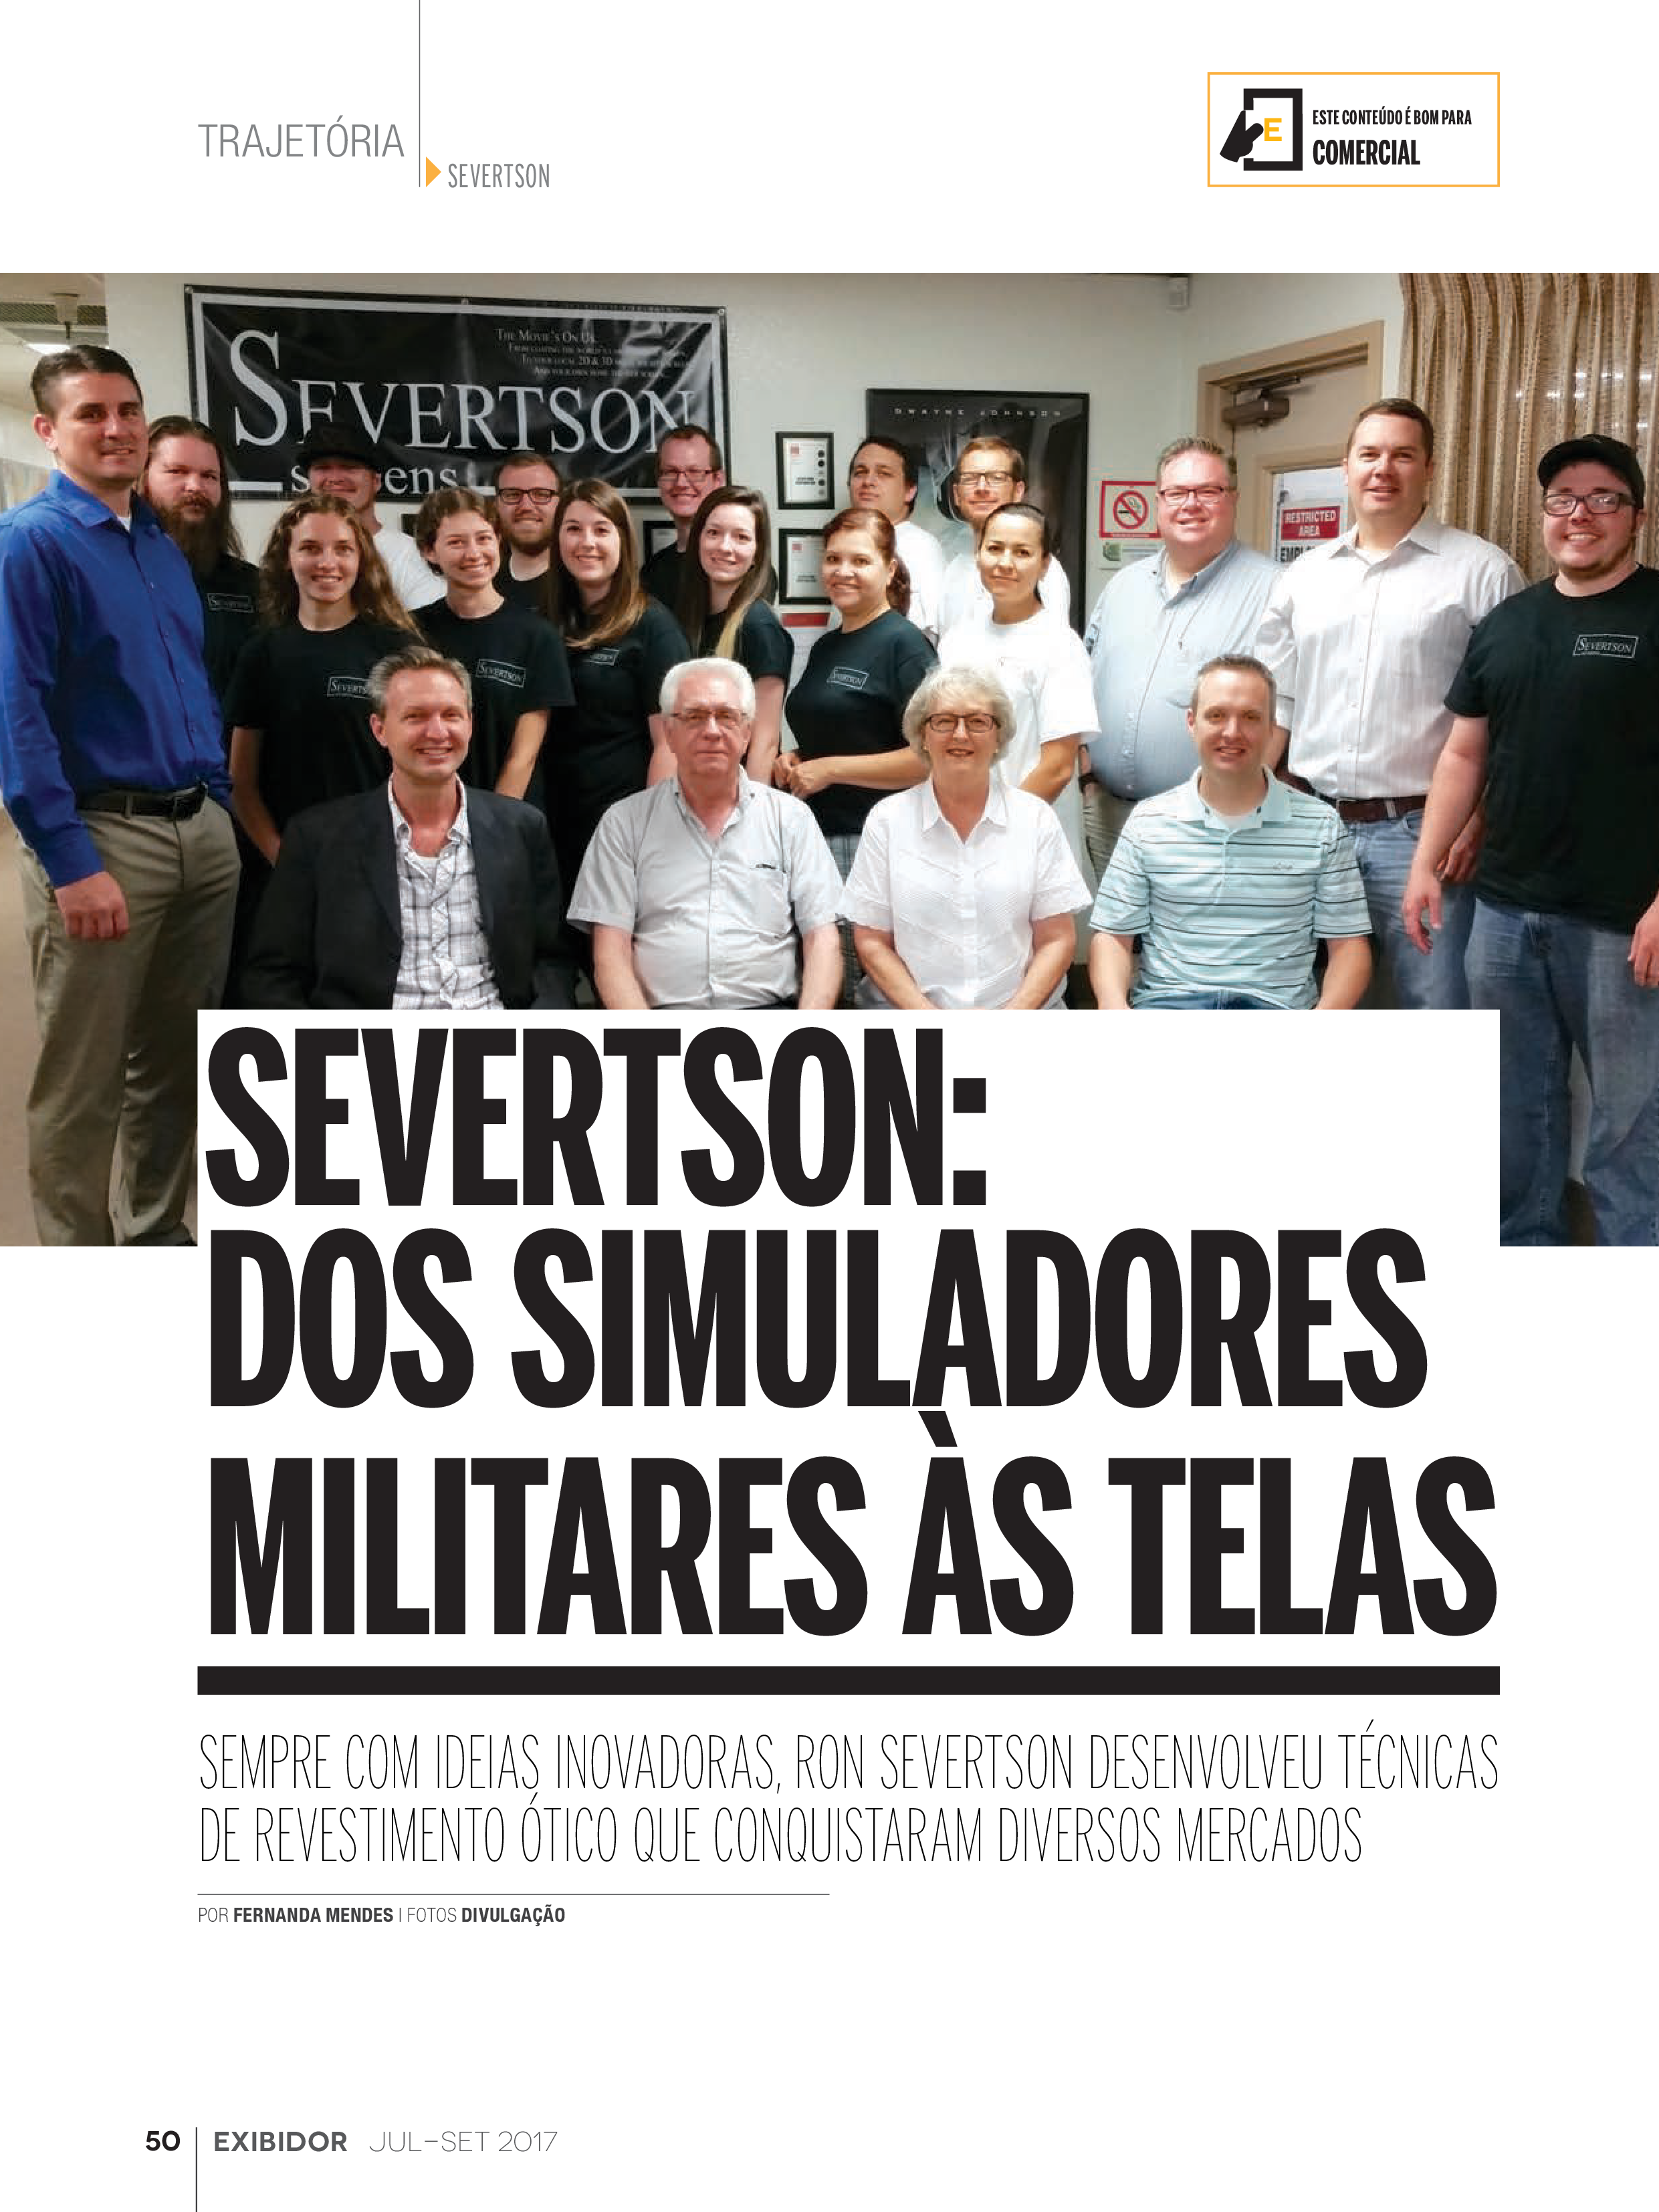 Severtson: Dos Simuladores Militares As Telas